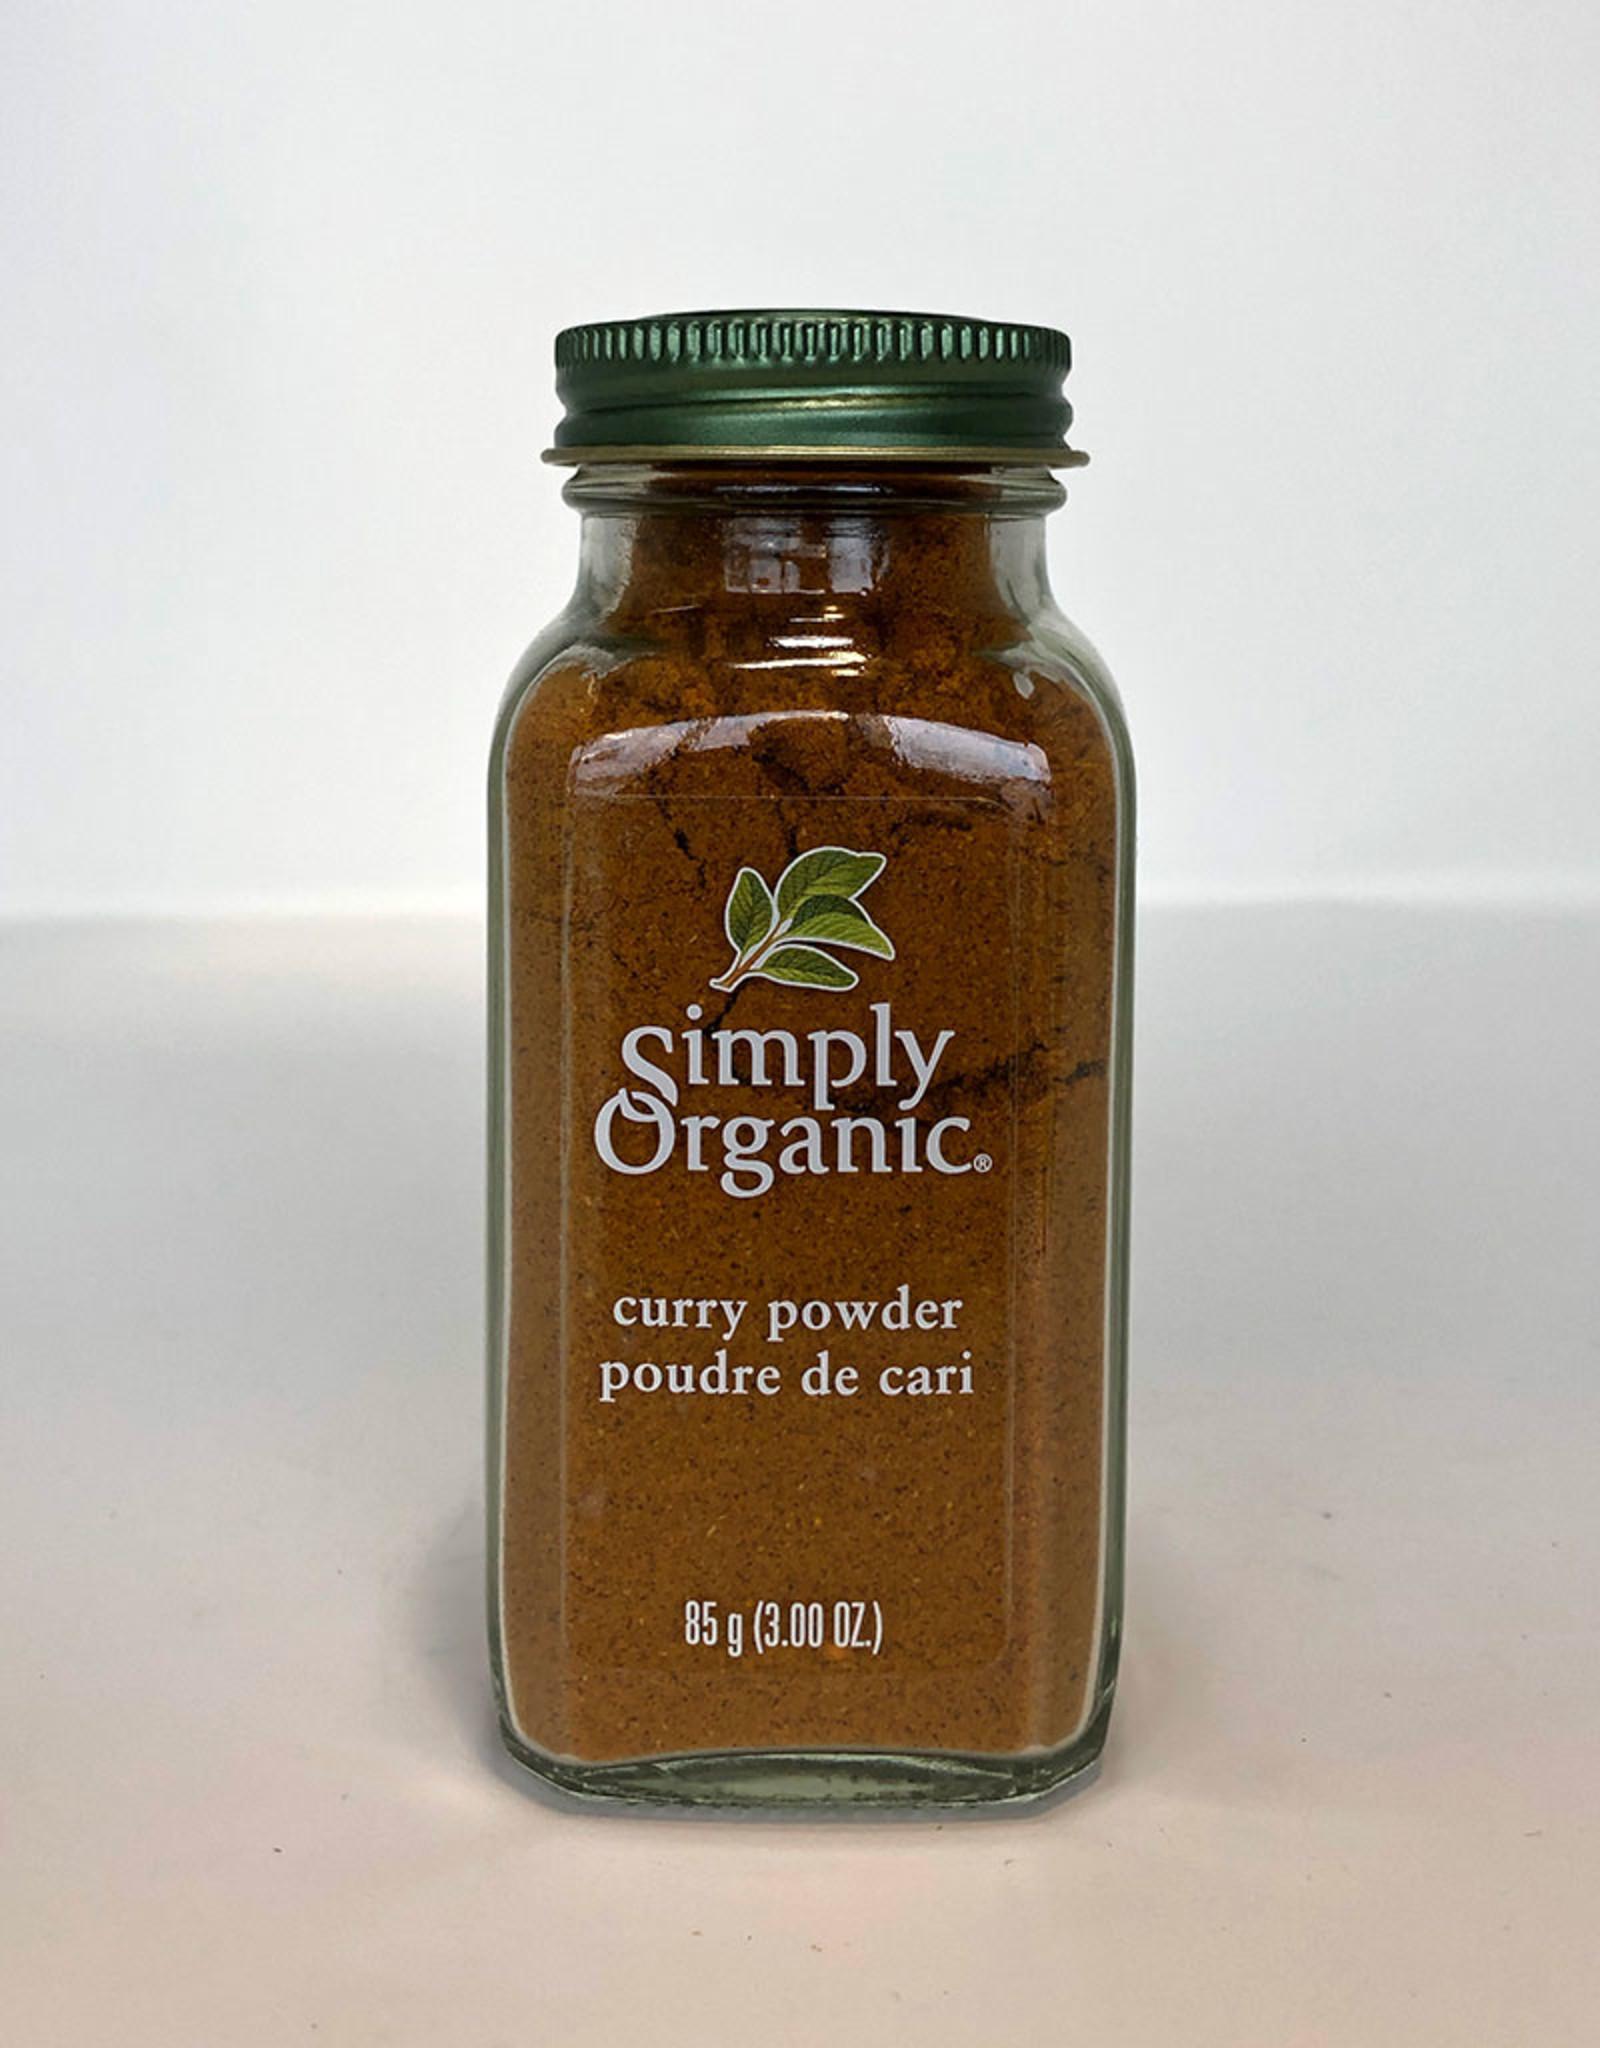 Simlpy Organic Simply Organic - Curry Powder (85g)